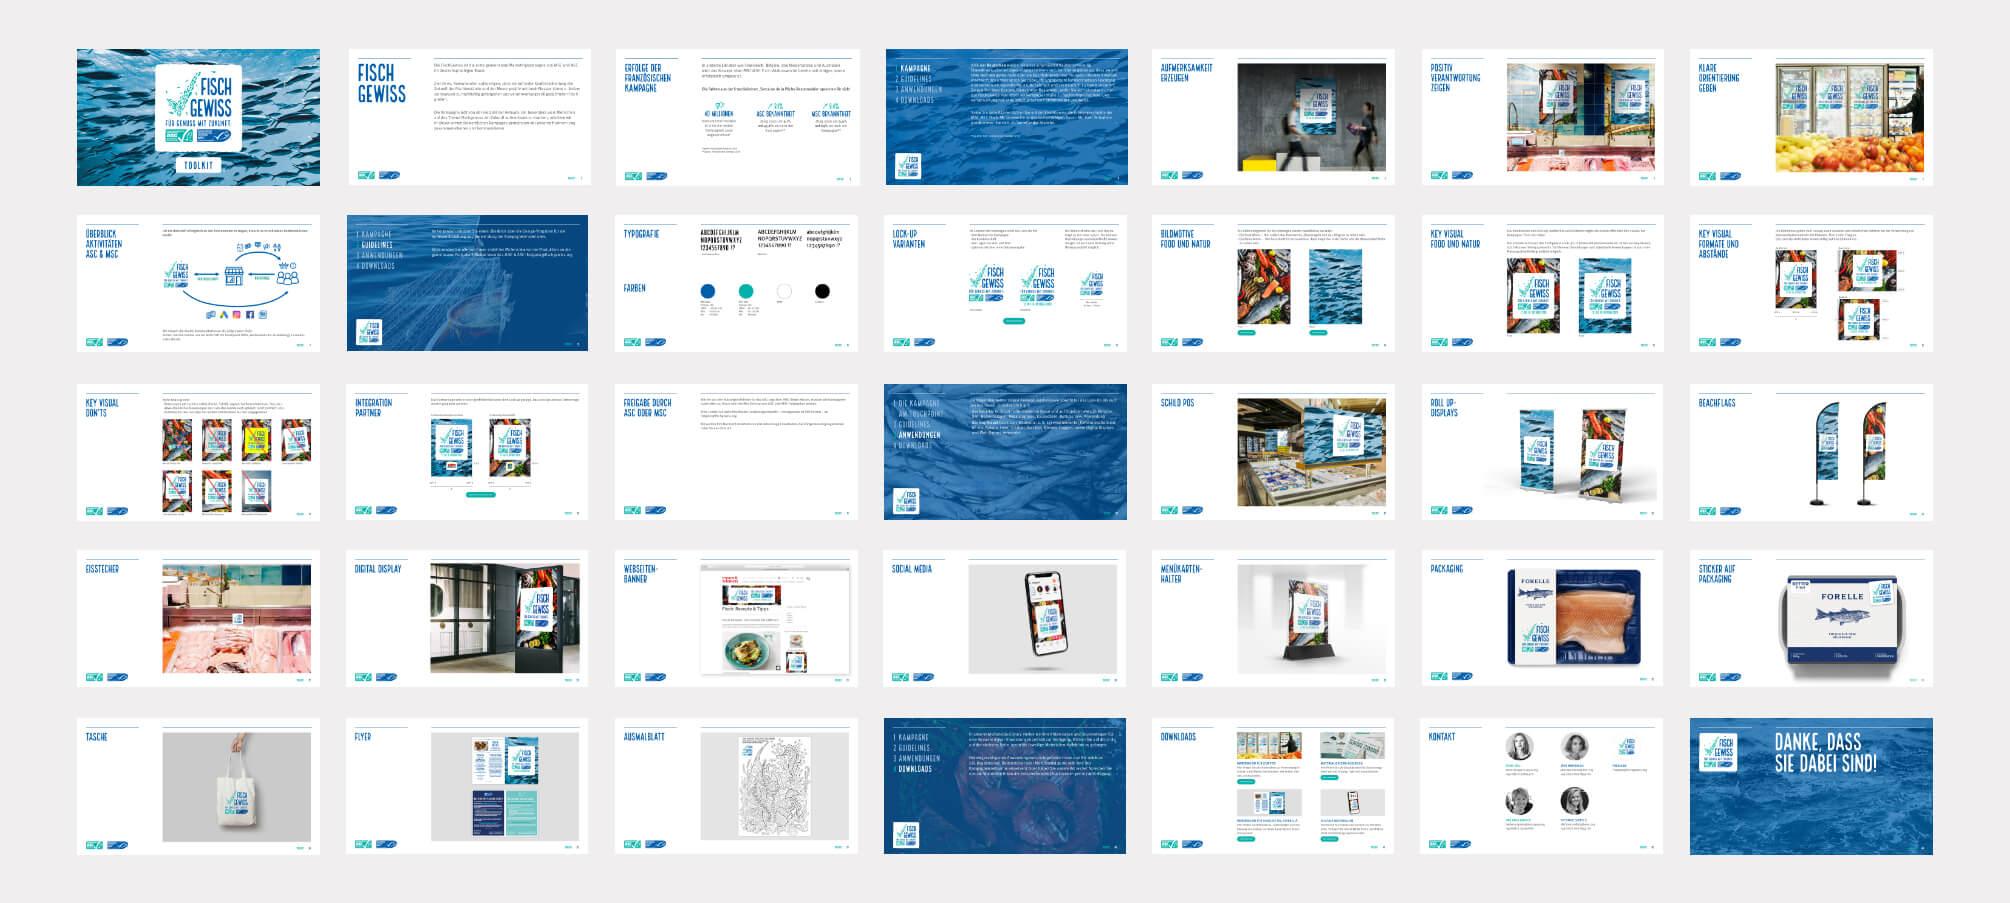 Fisch Gewiss Kampagne Brand Guidelines